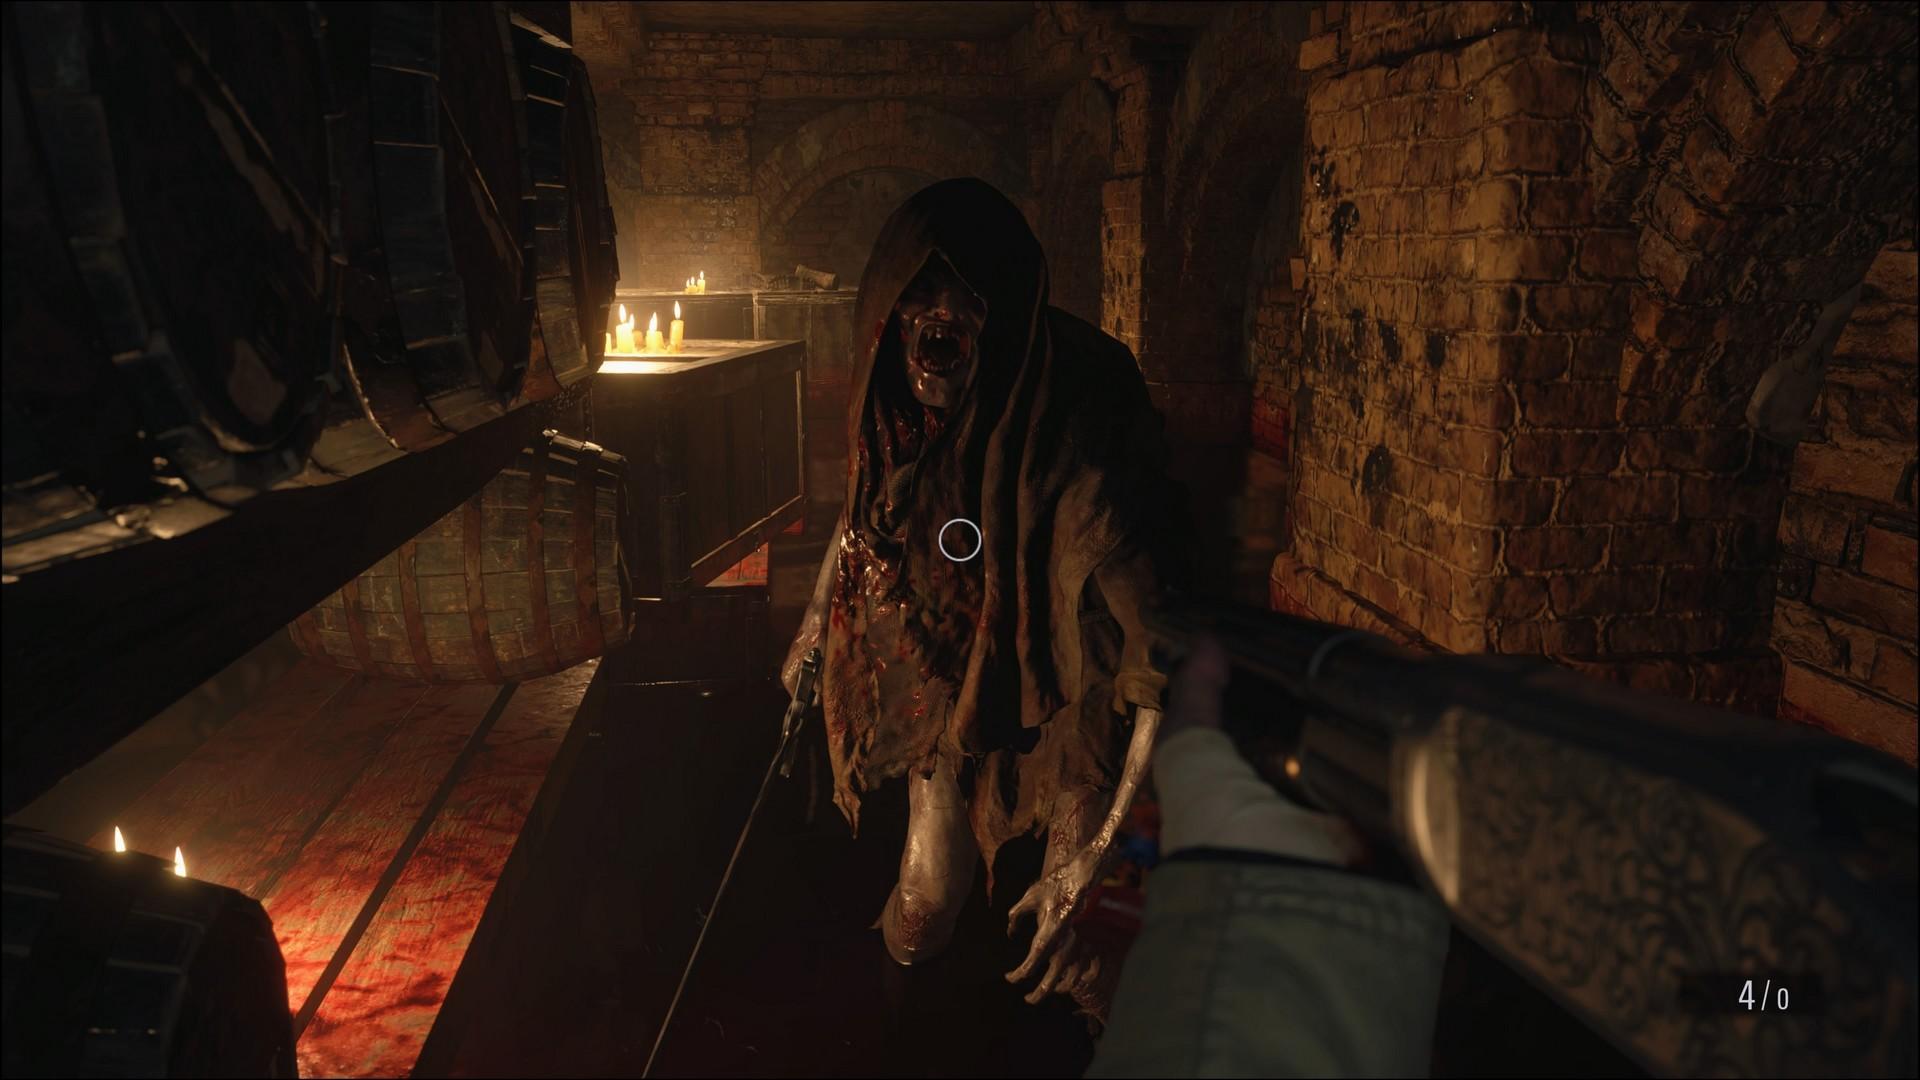 مراجعة لعبة Resident Evil Village